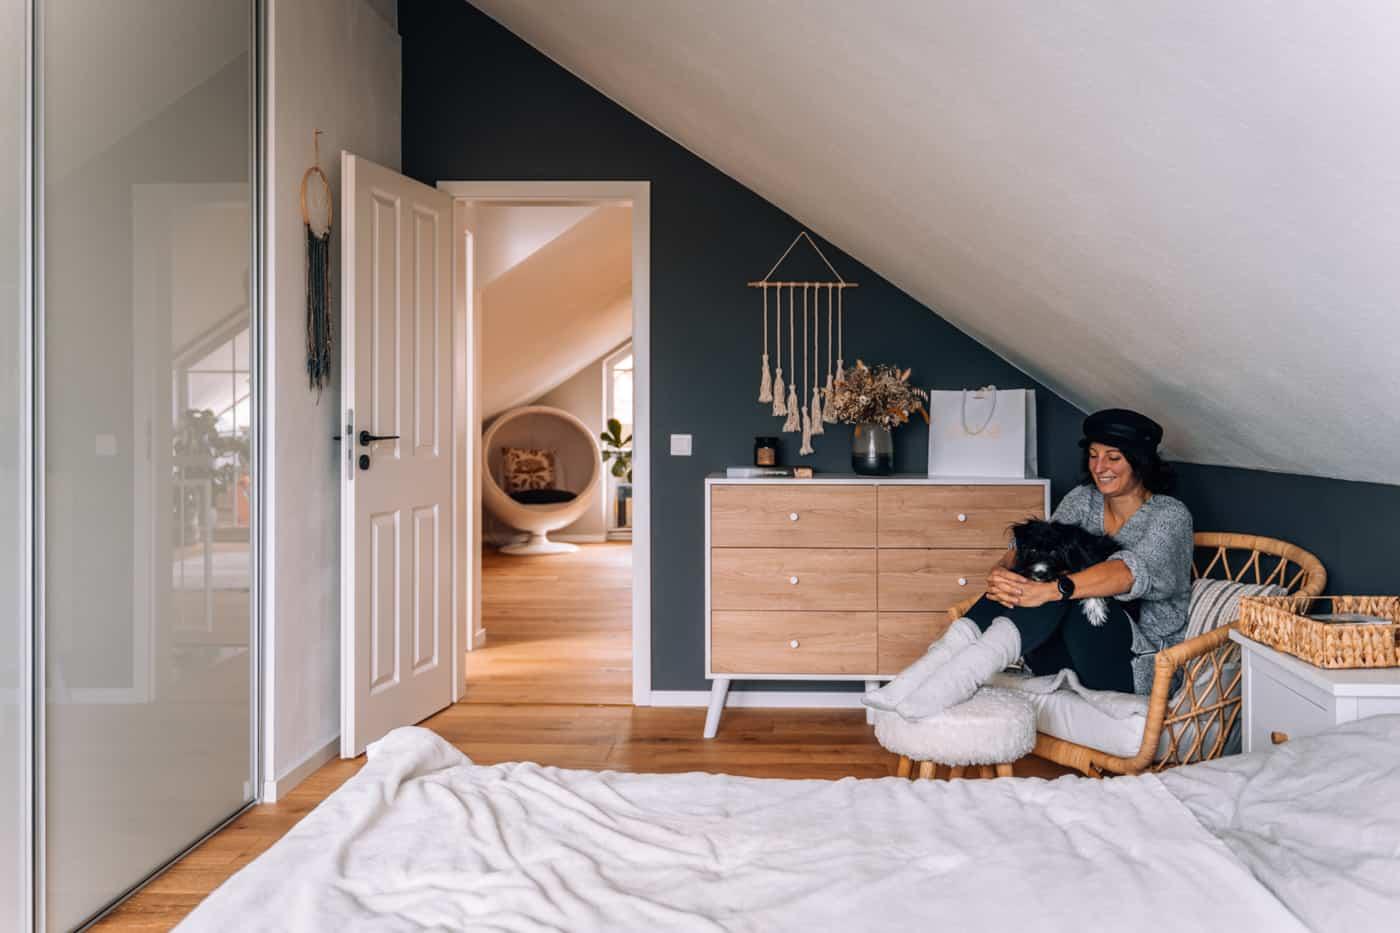 Neue Wohnung - Umzug, Renovierung und Einrichtung